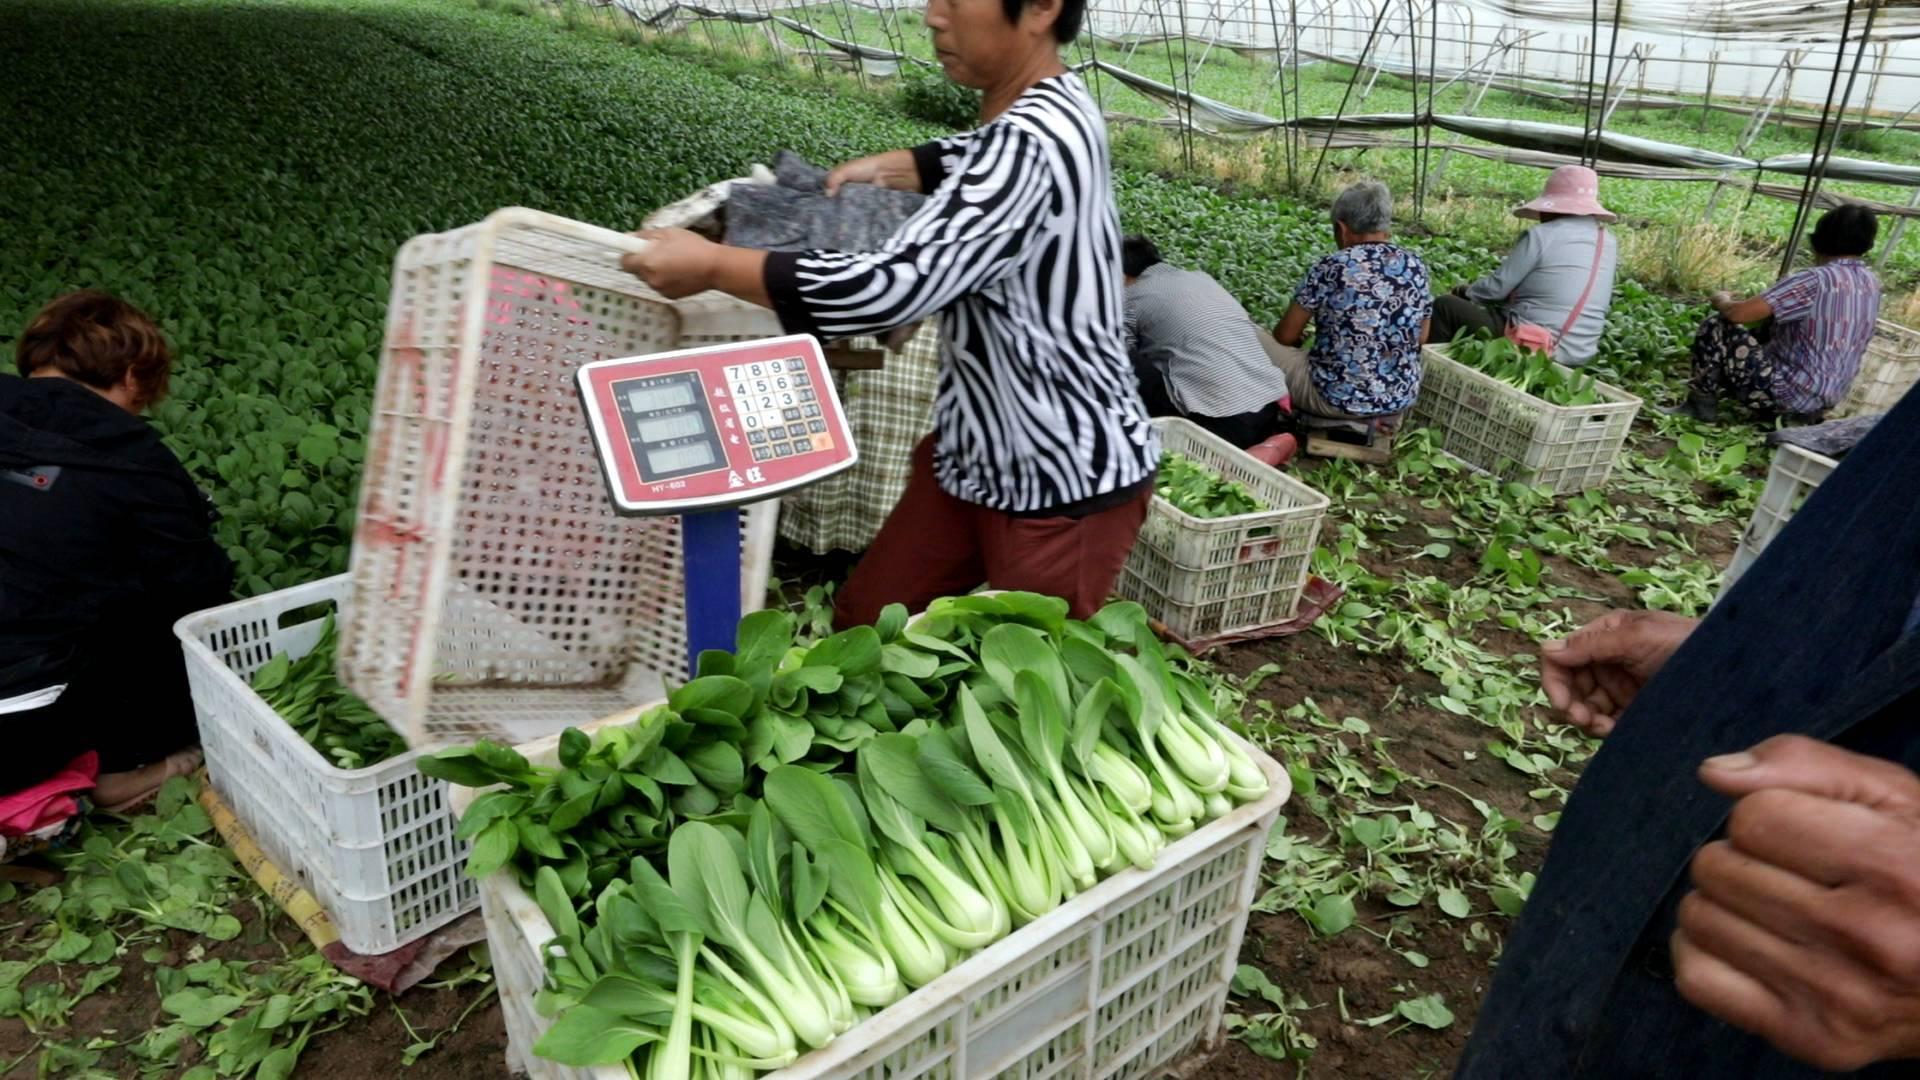 幸福的起点丨种油菜一天能卖好几万?!在大棚打工的村民着急了:不打工了,来家种菜